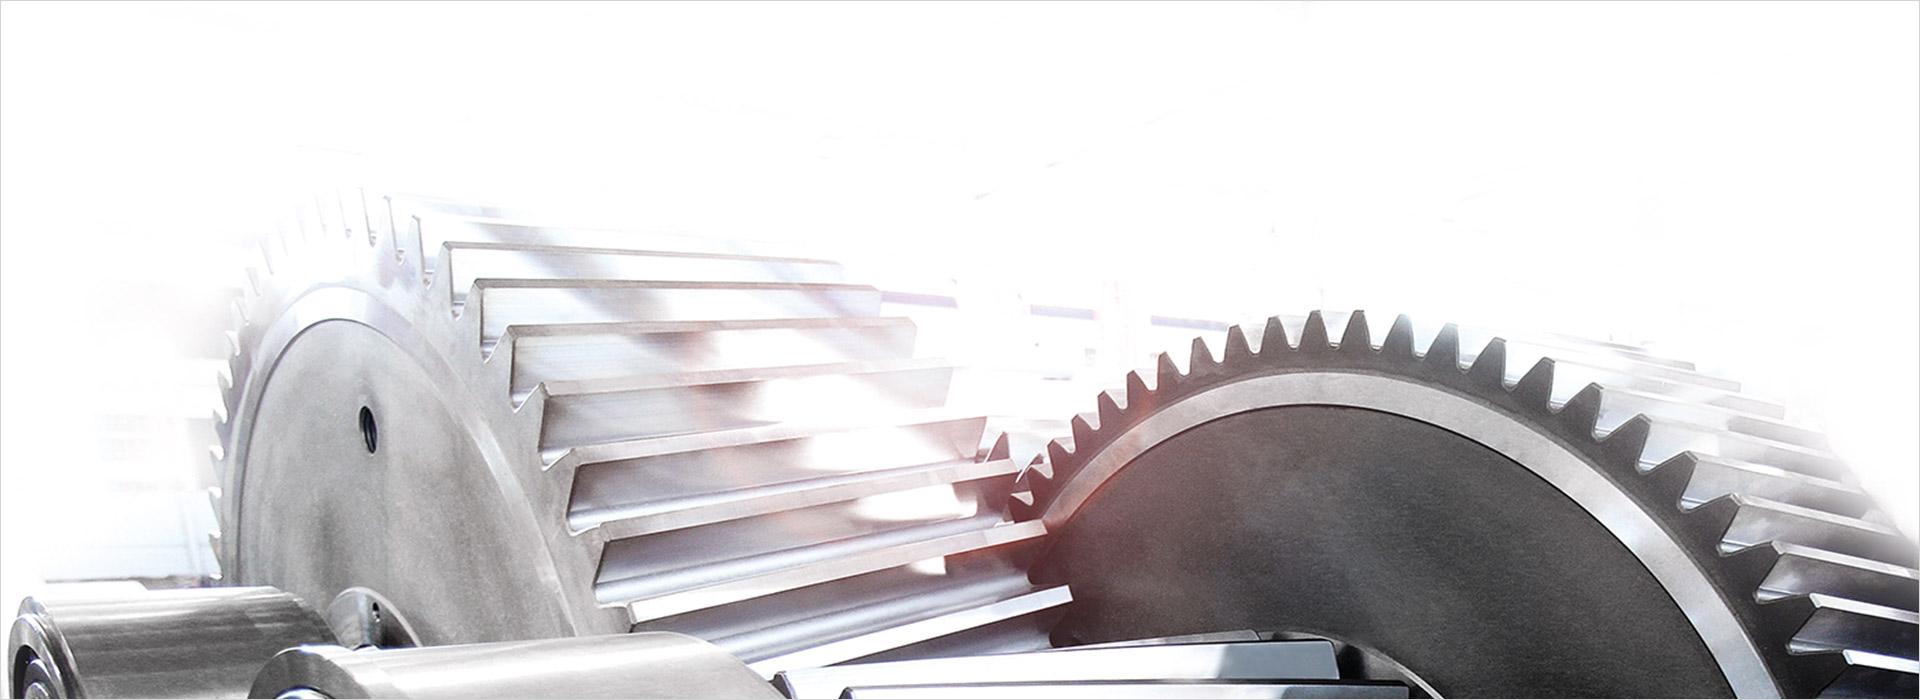 Eisenbeiss Industrie Getriebe